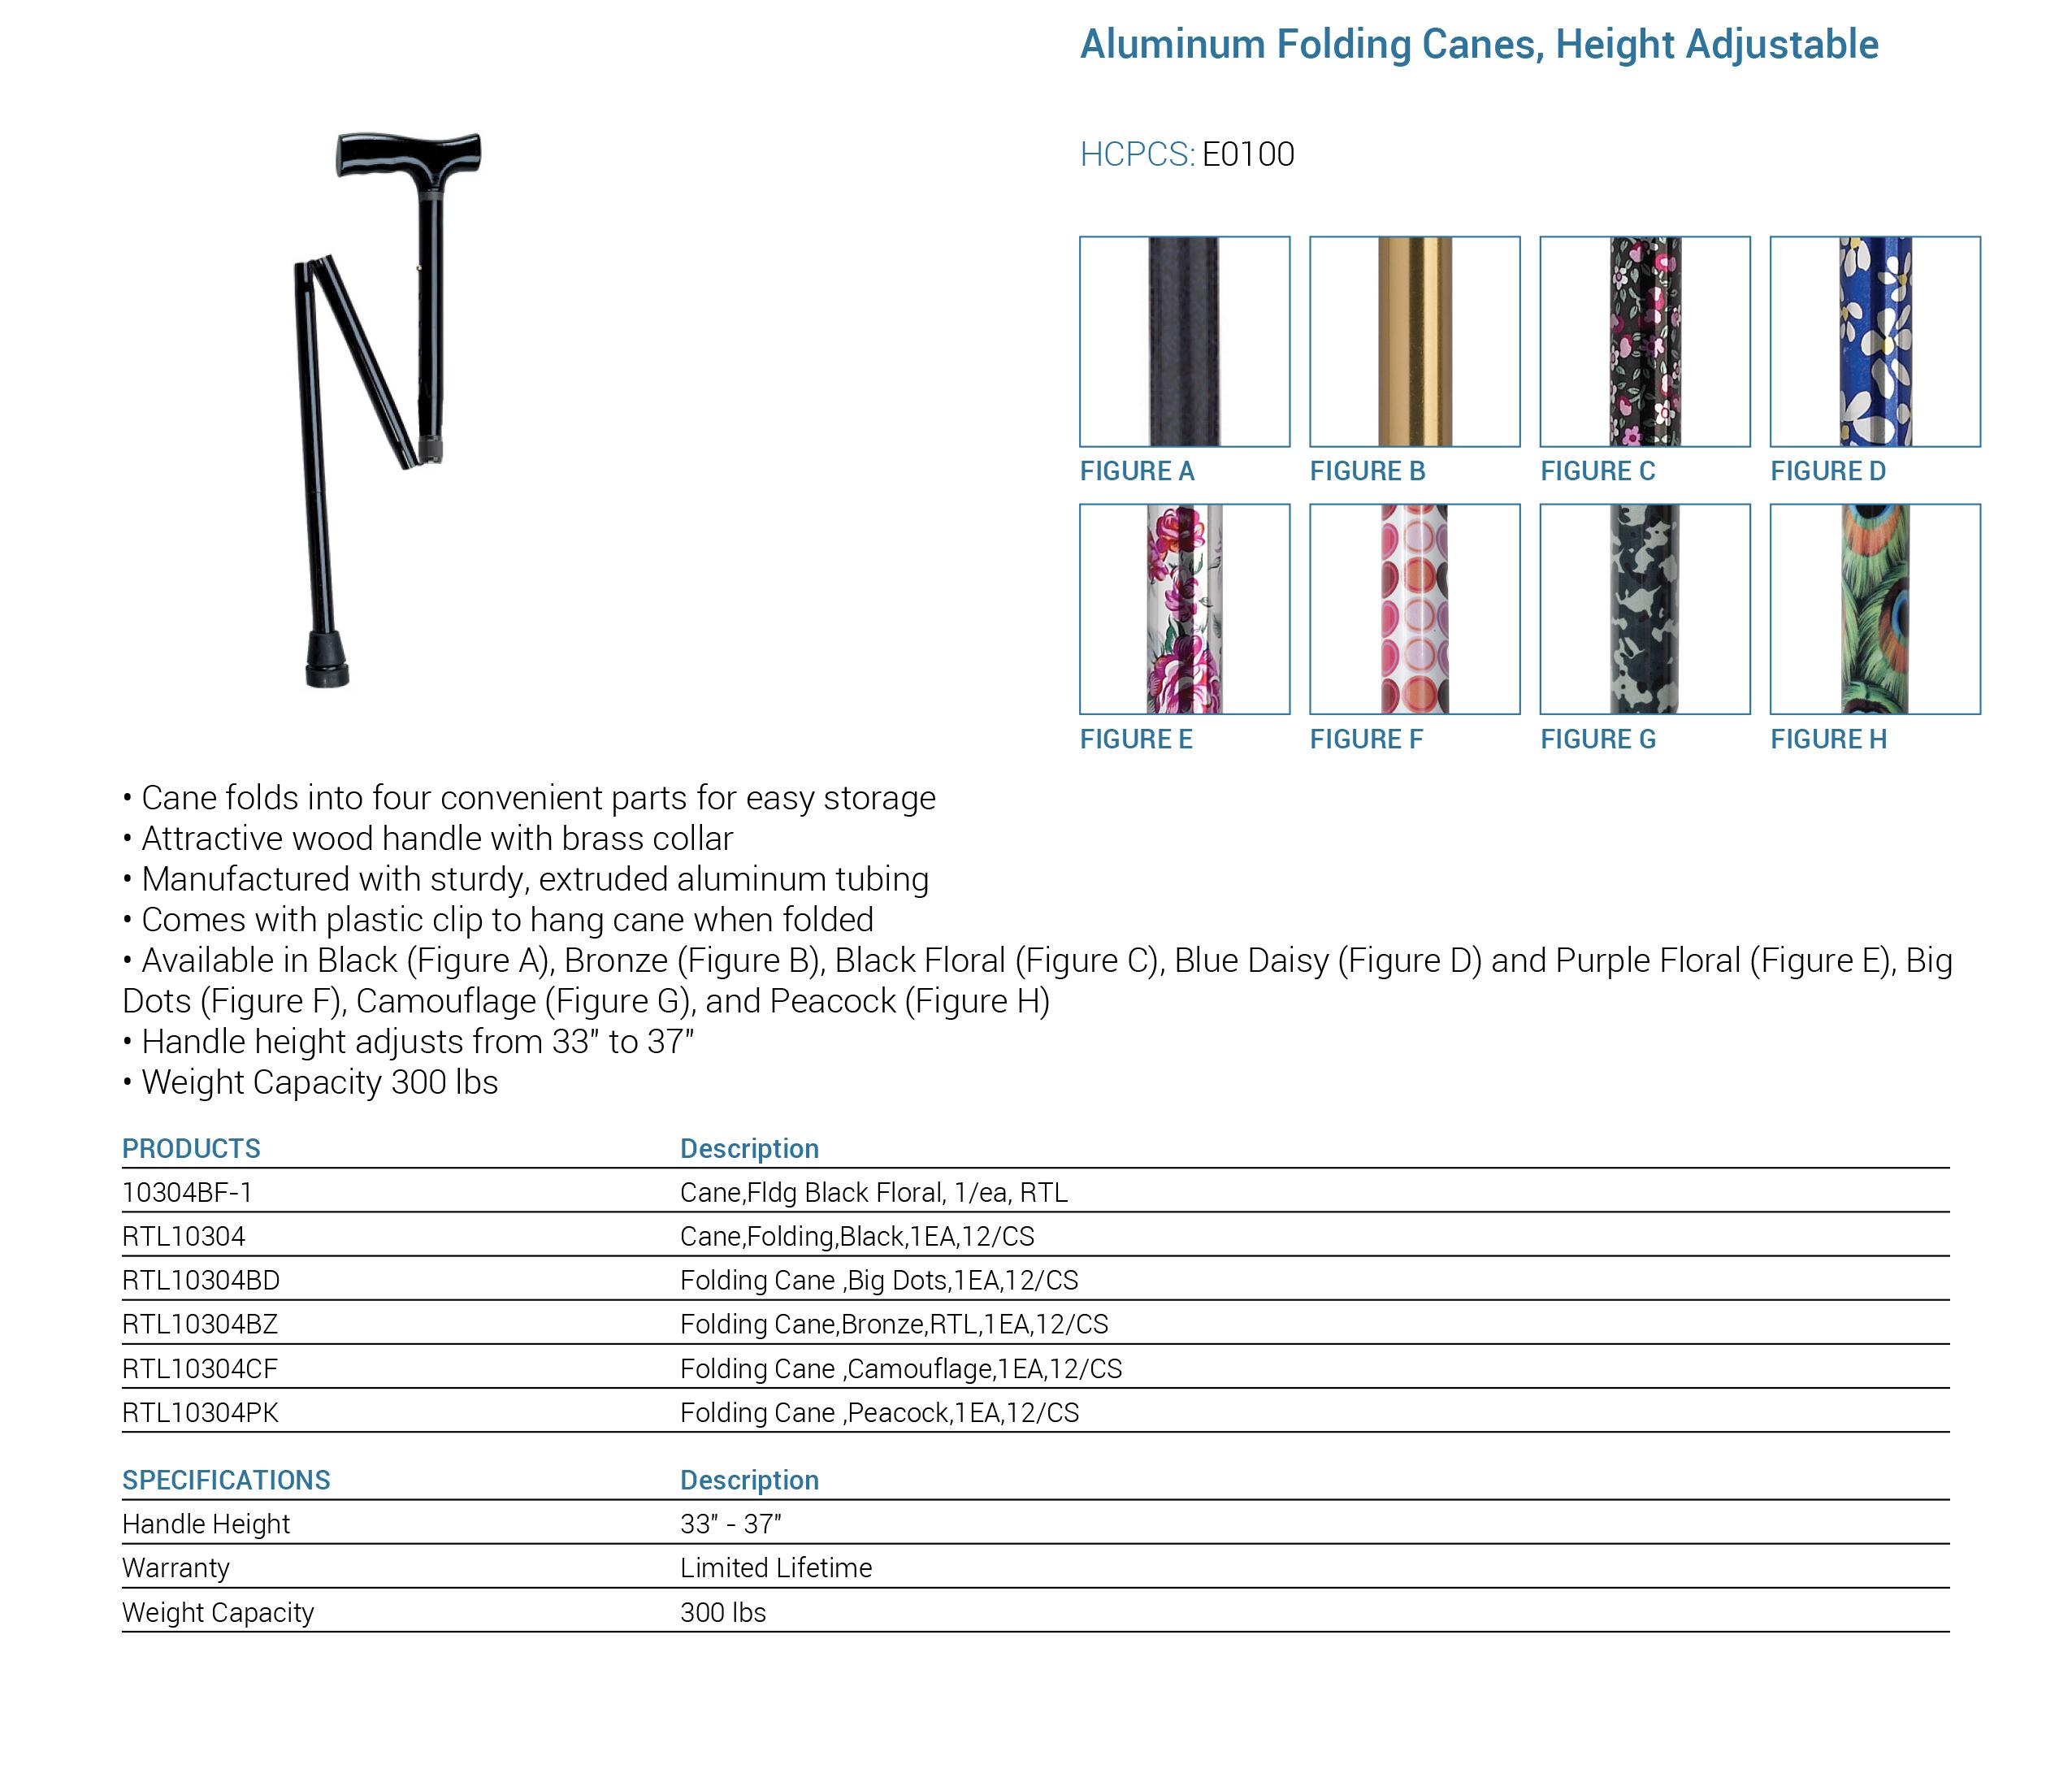 Aluminum Folding Cane Specs